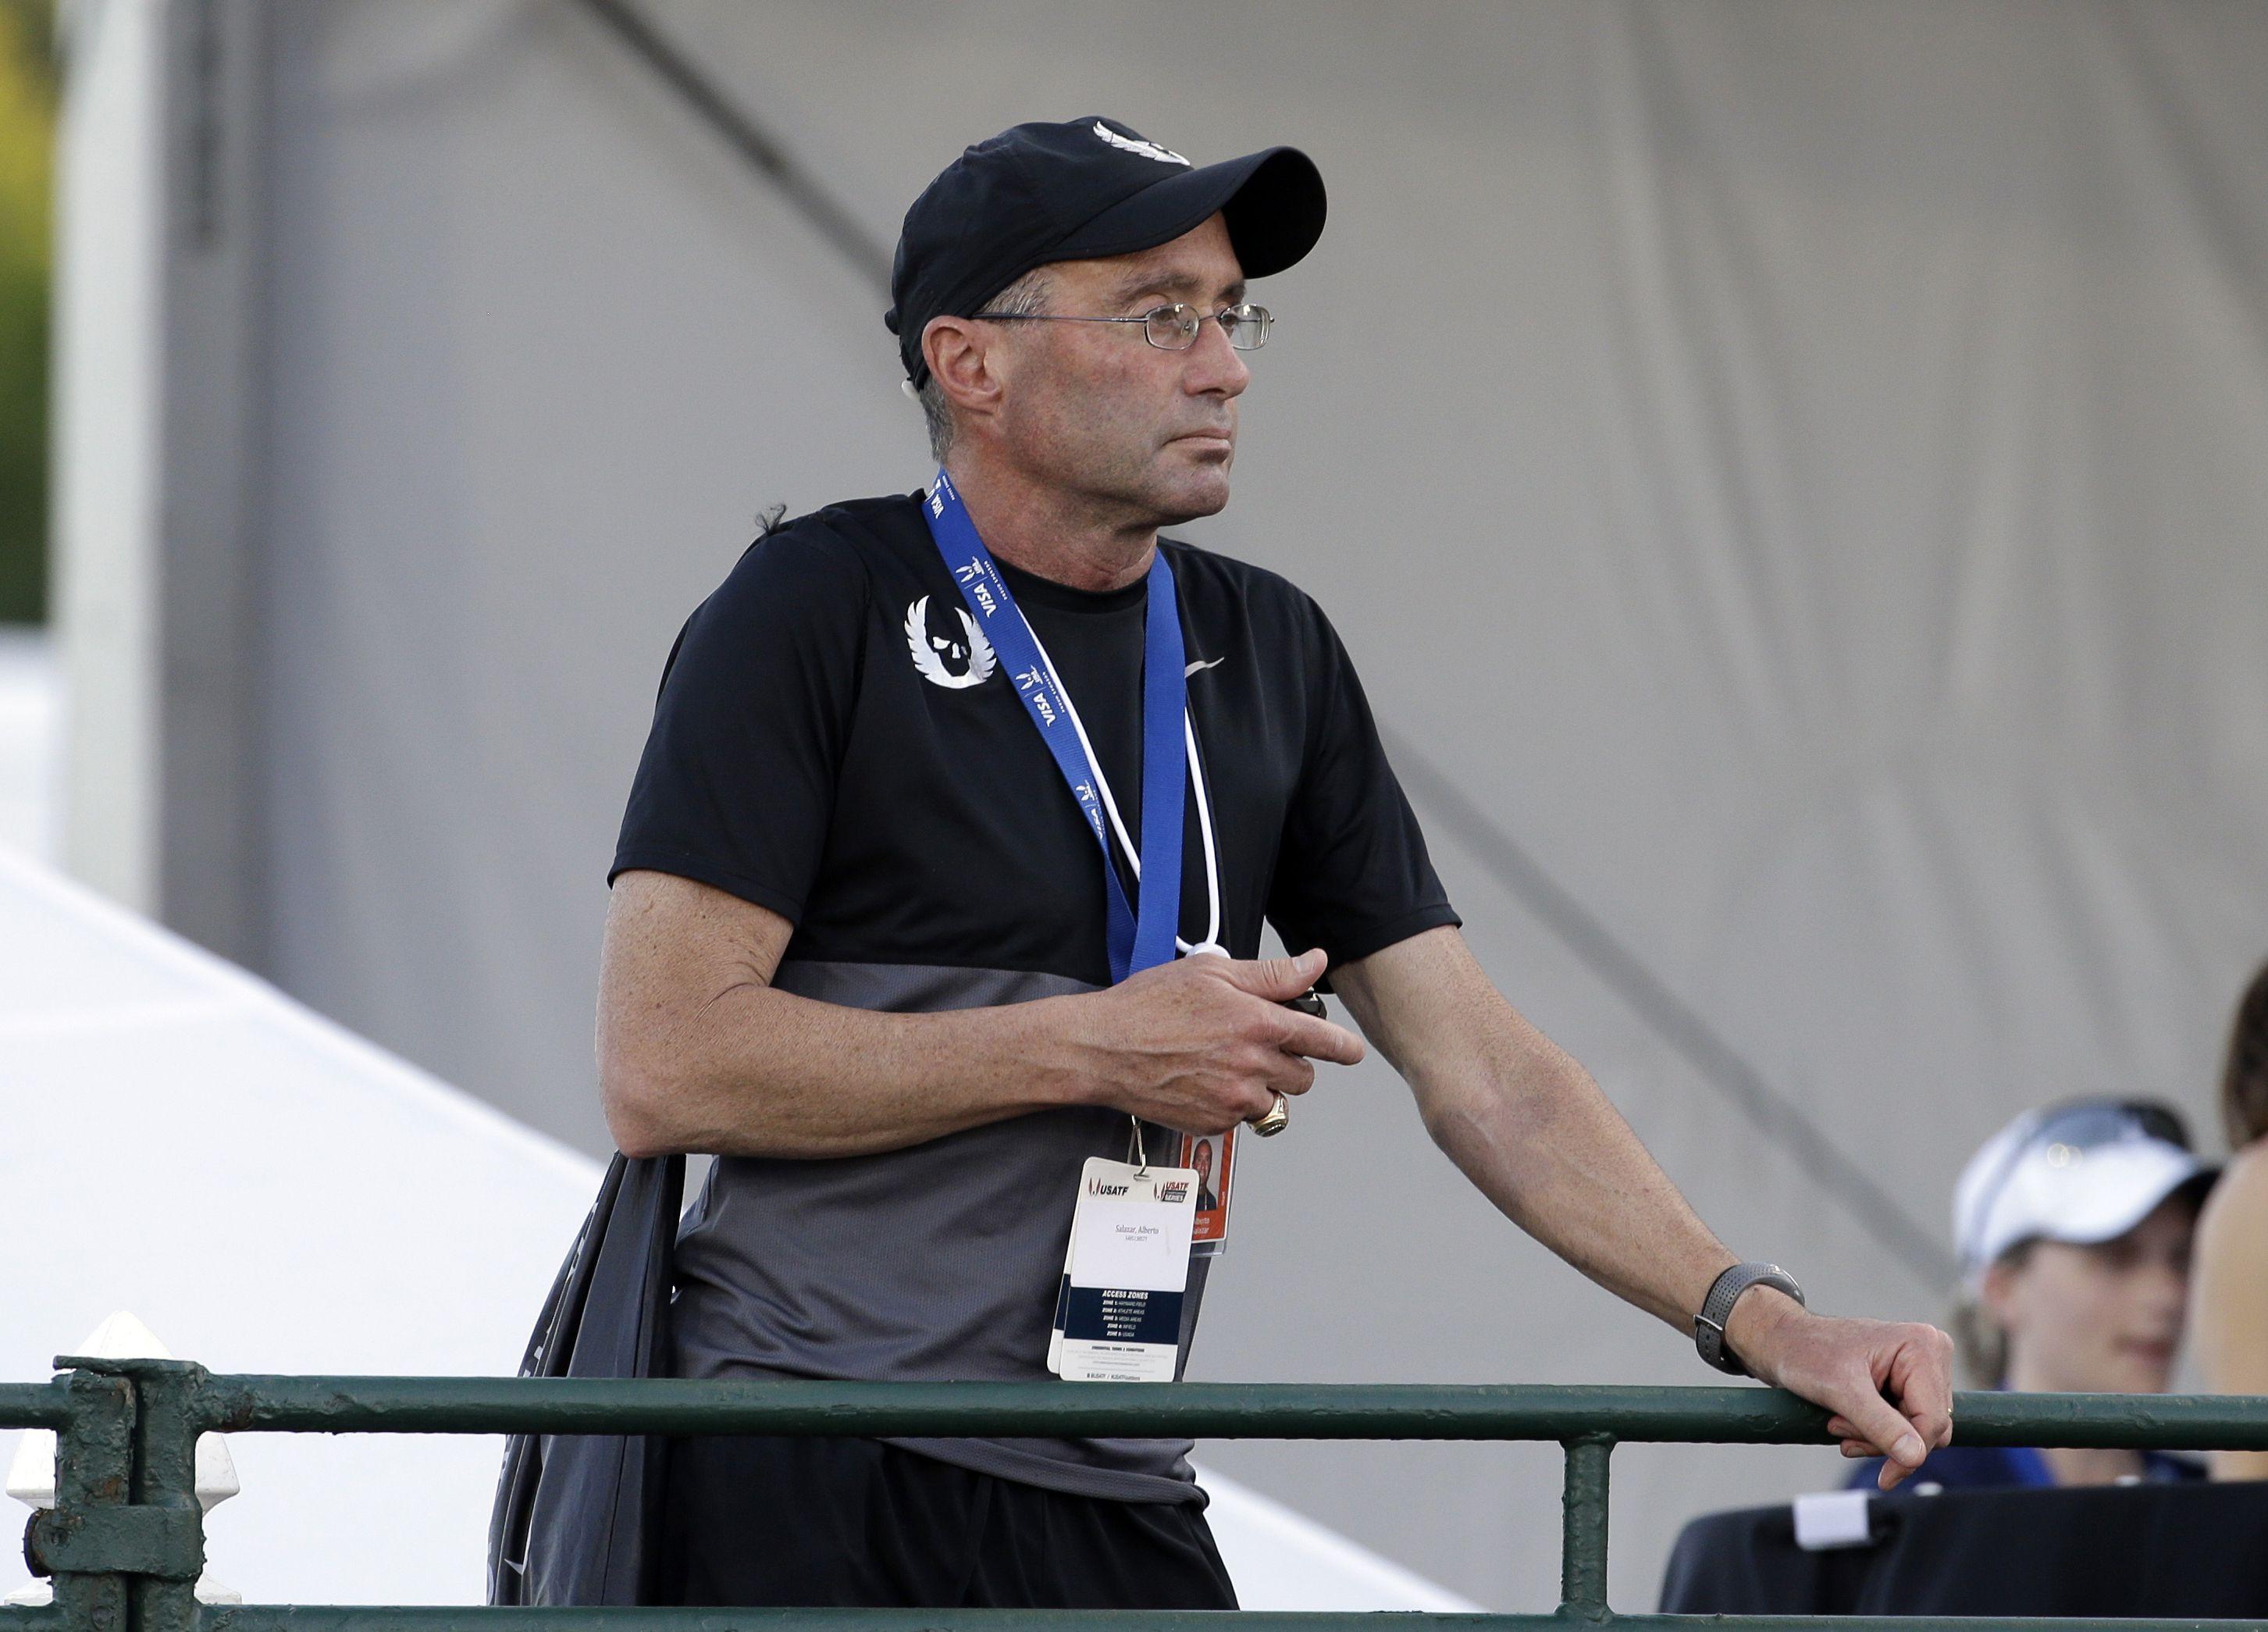 ratifican veto de 4 anos al entrenador de atletismo salazar